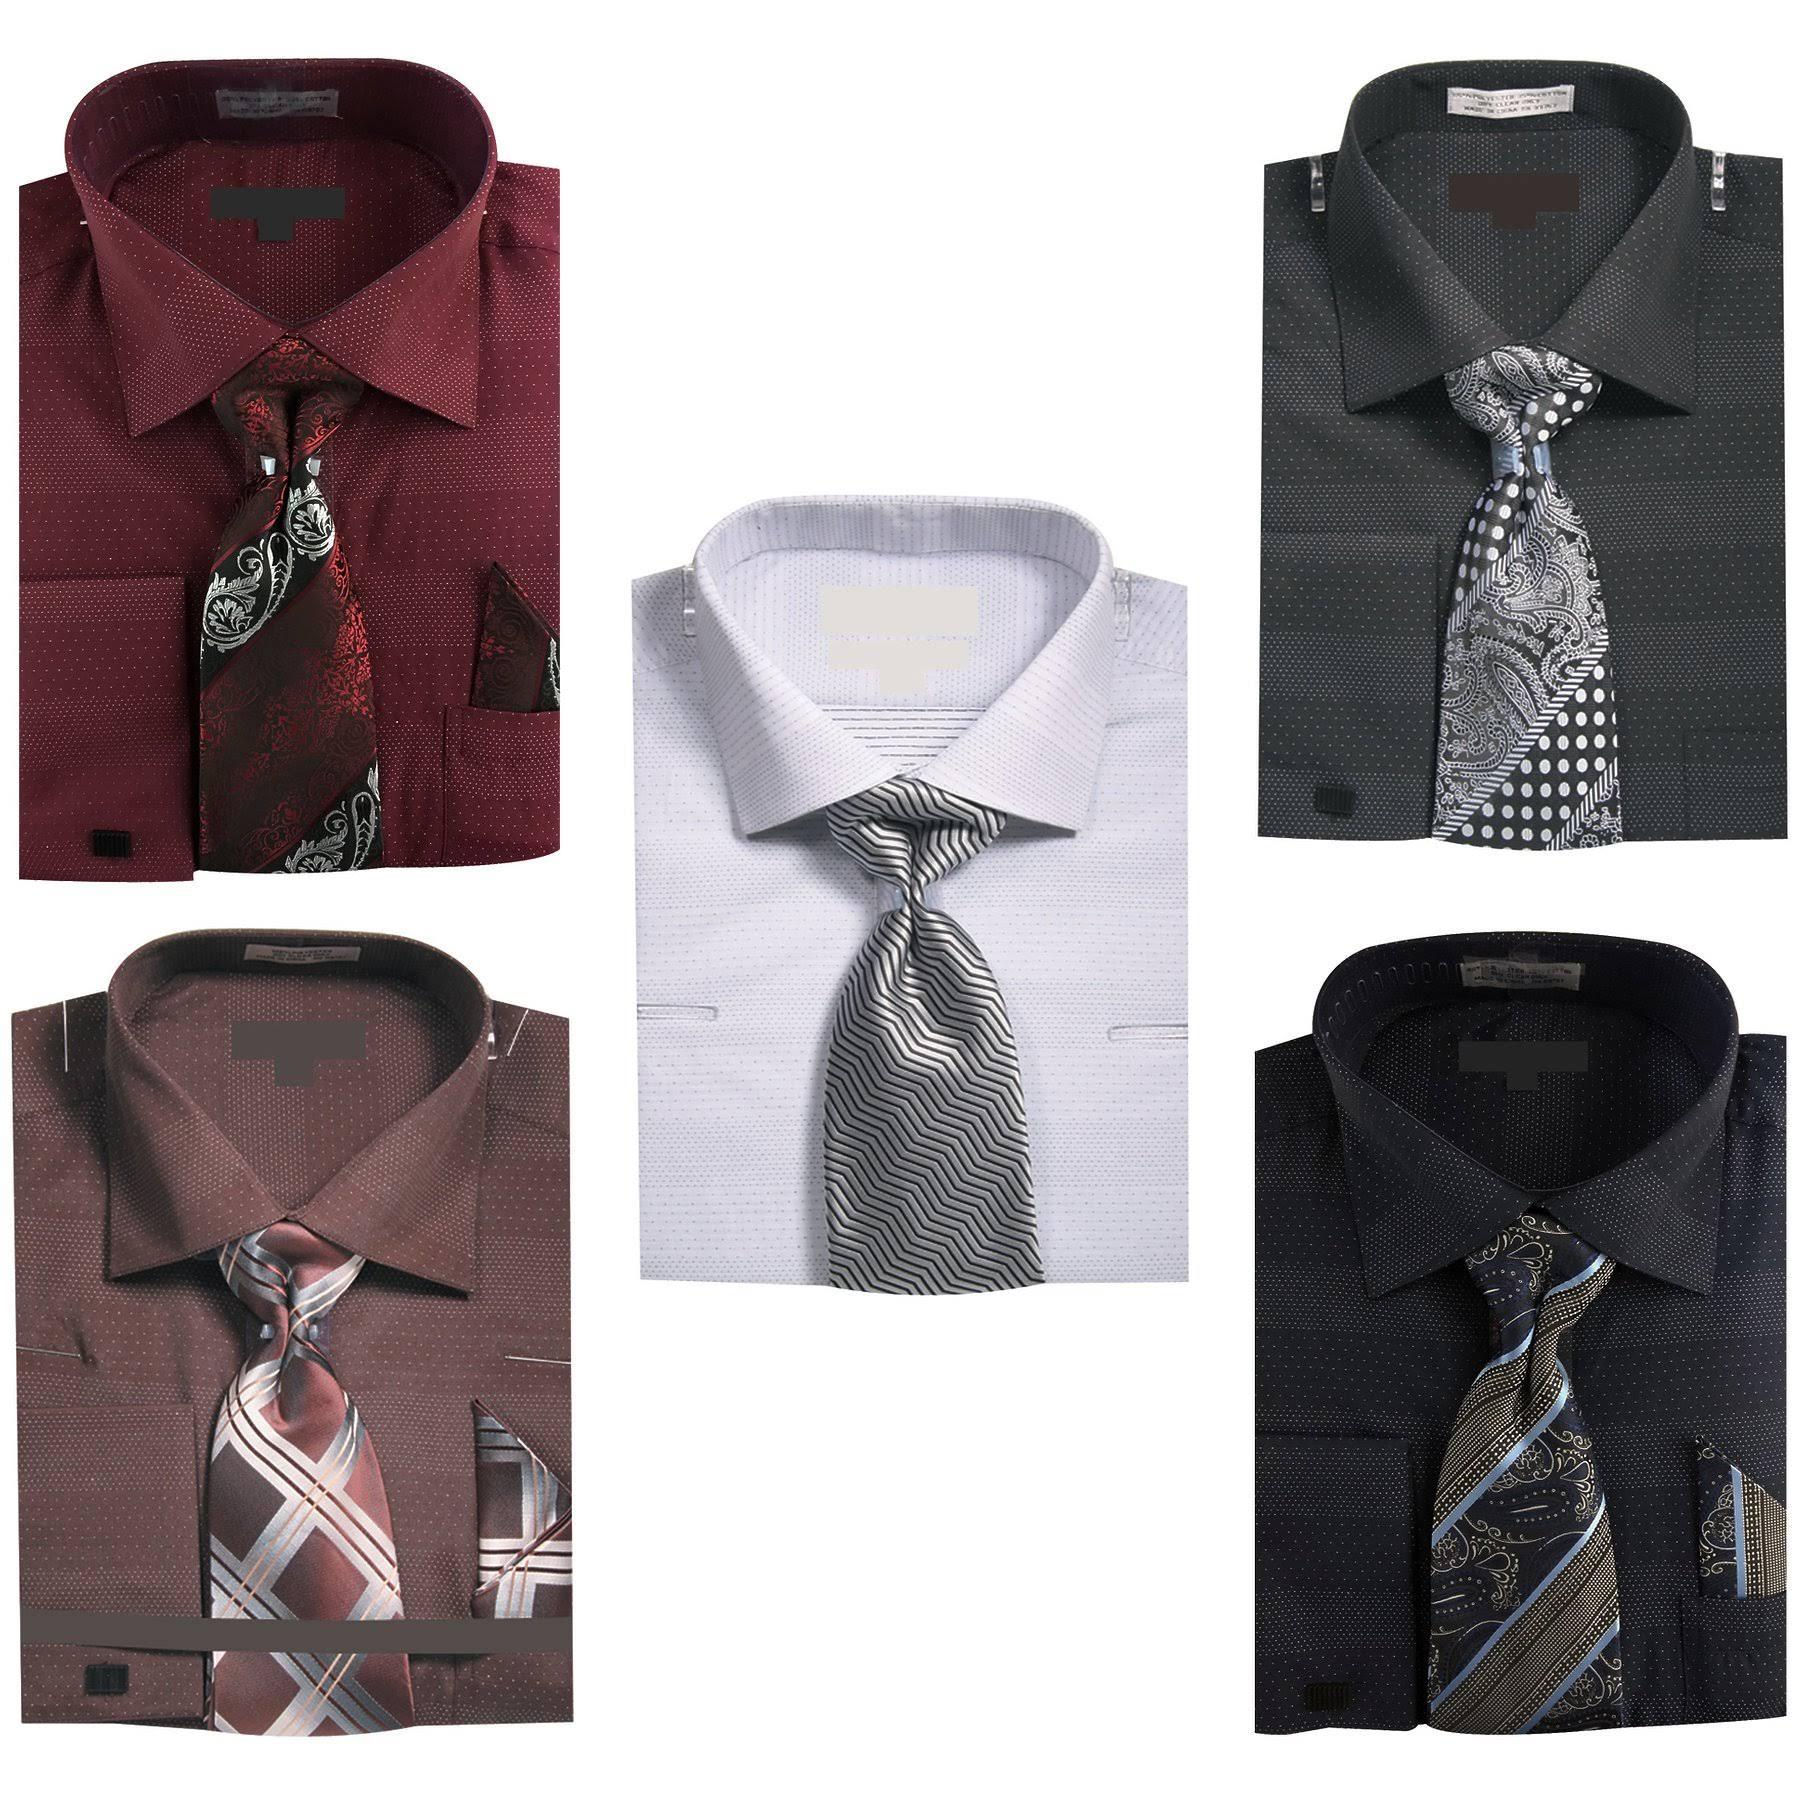 Hanky Tie Herren Shirt 34 35 W Outlet Größe Schwarz Sunrise Dots 17 manschettenknöpfe Dress Micro 5 8pRwc1q